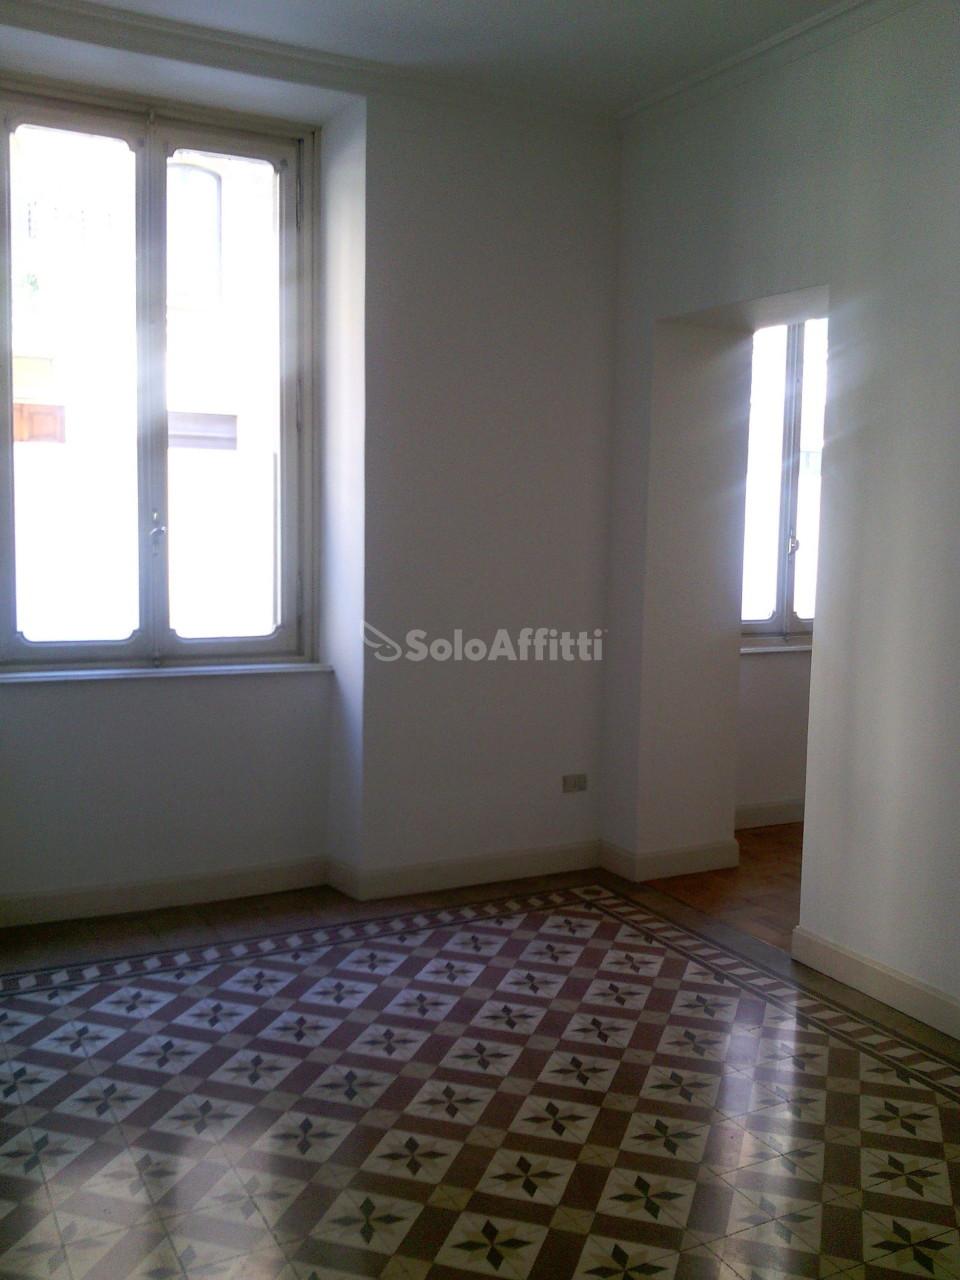 Ufficio - 2 locali a Crocetta, Torino Rif. 9284533